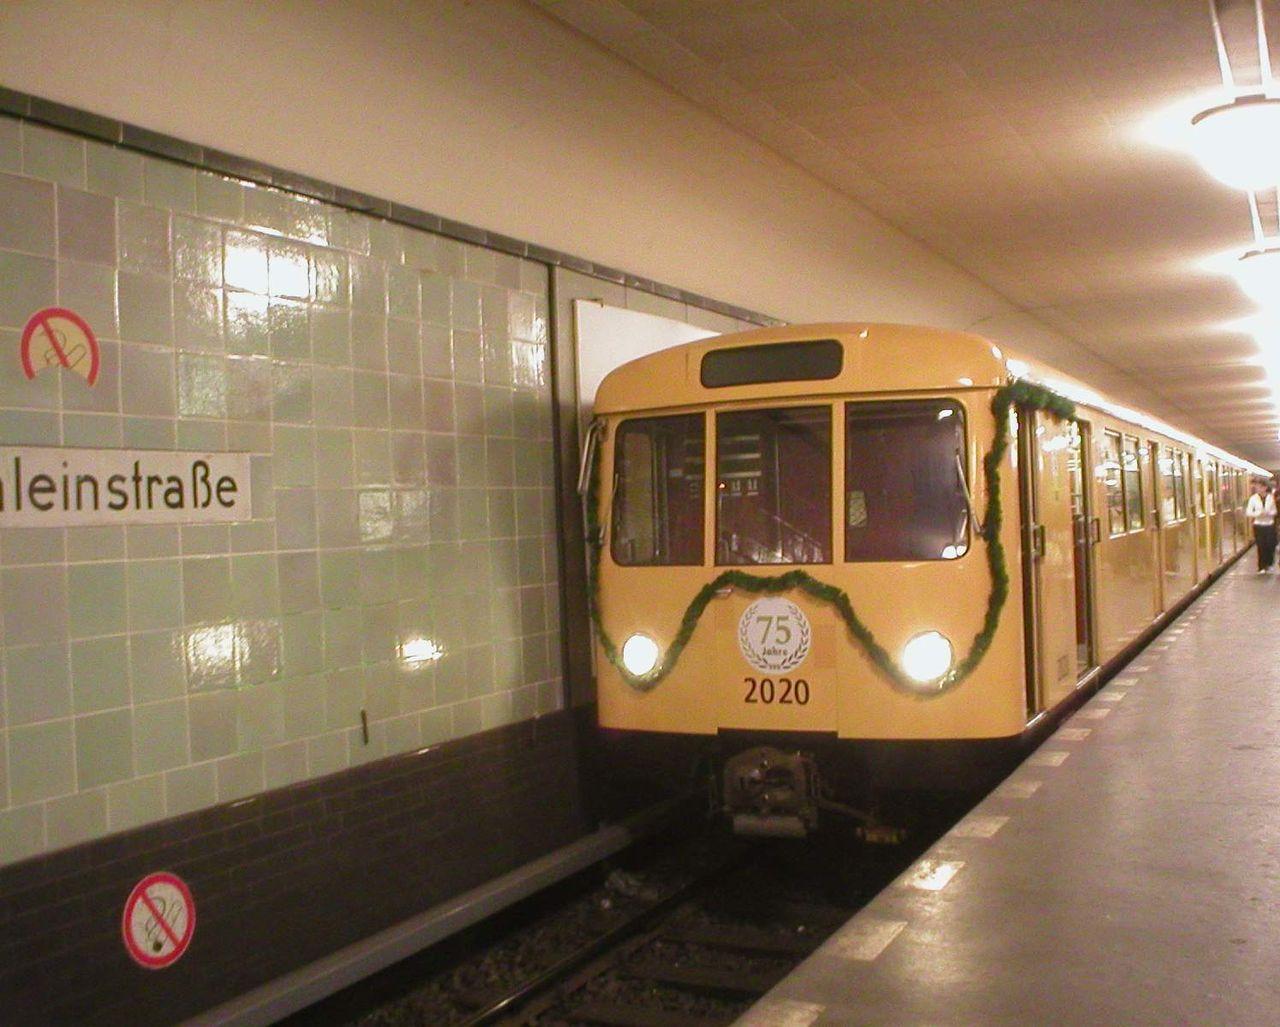 Ein Waggon der Baureihe D feiert das Jubiläum der Linie U 8 in Berlin (Bild: Jcornelius, CC-BY-SA 2.0)